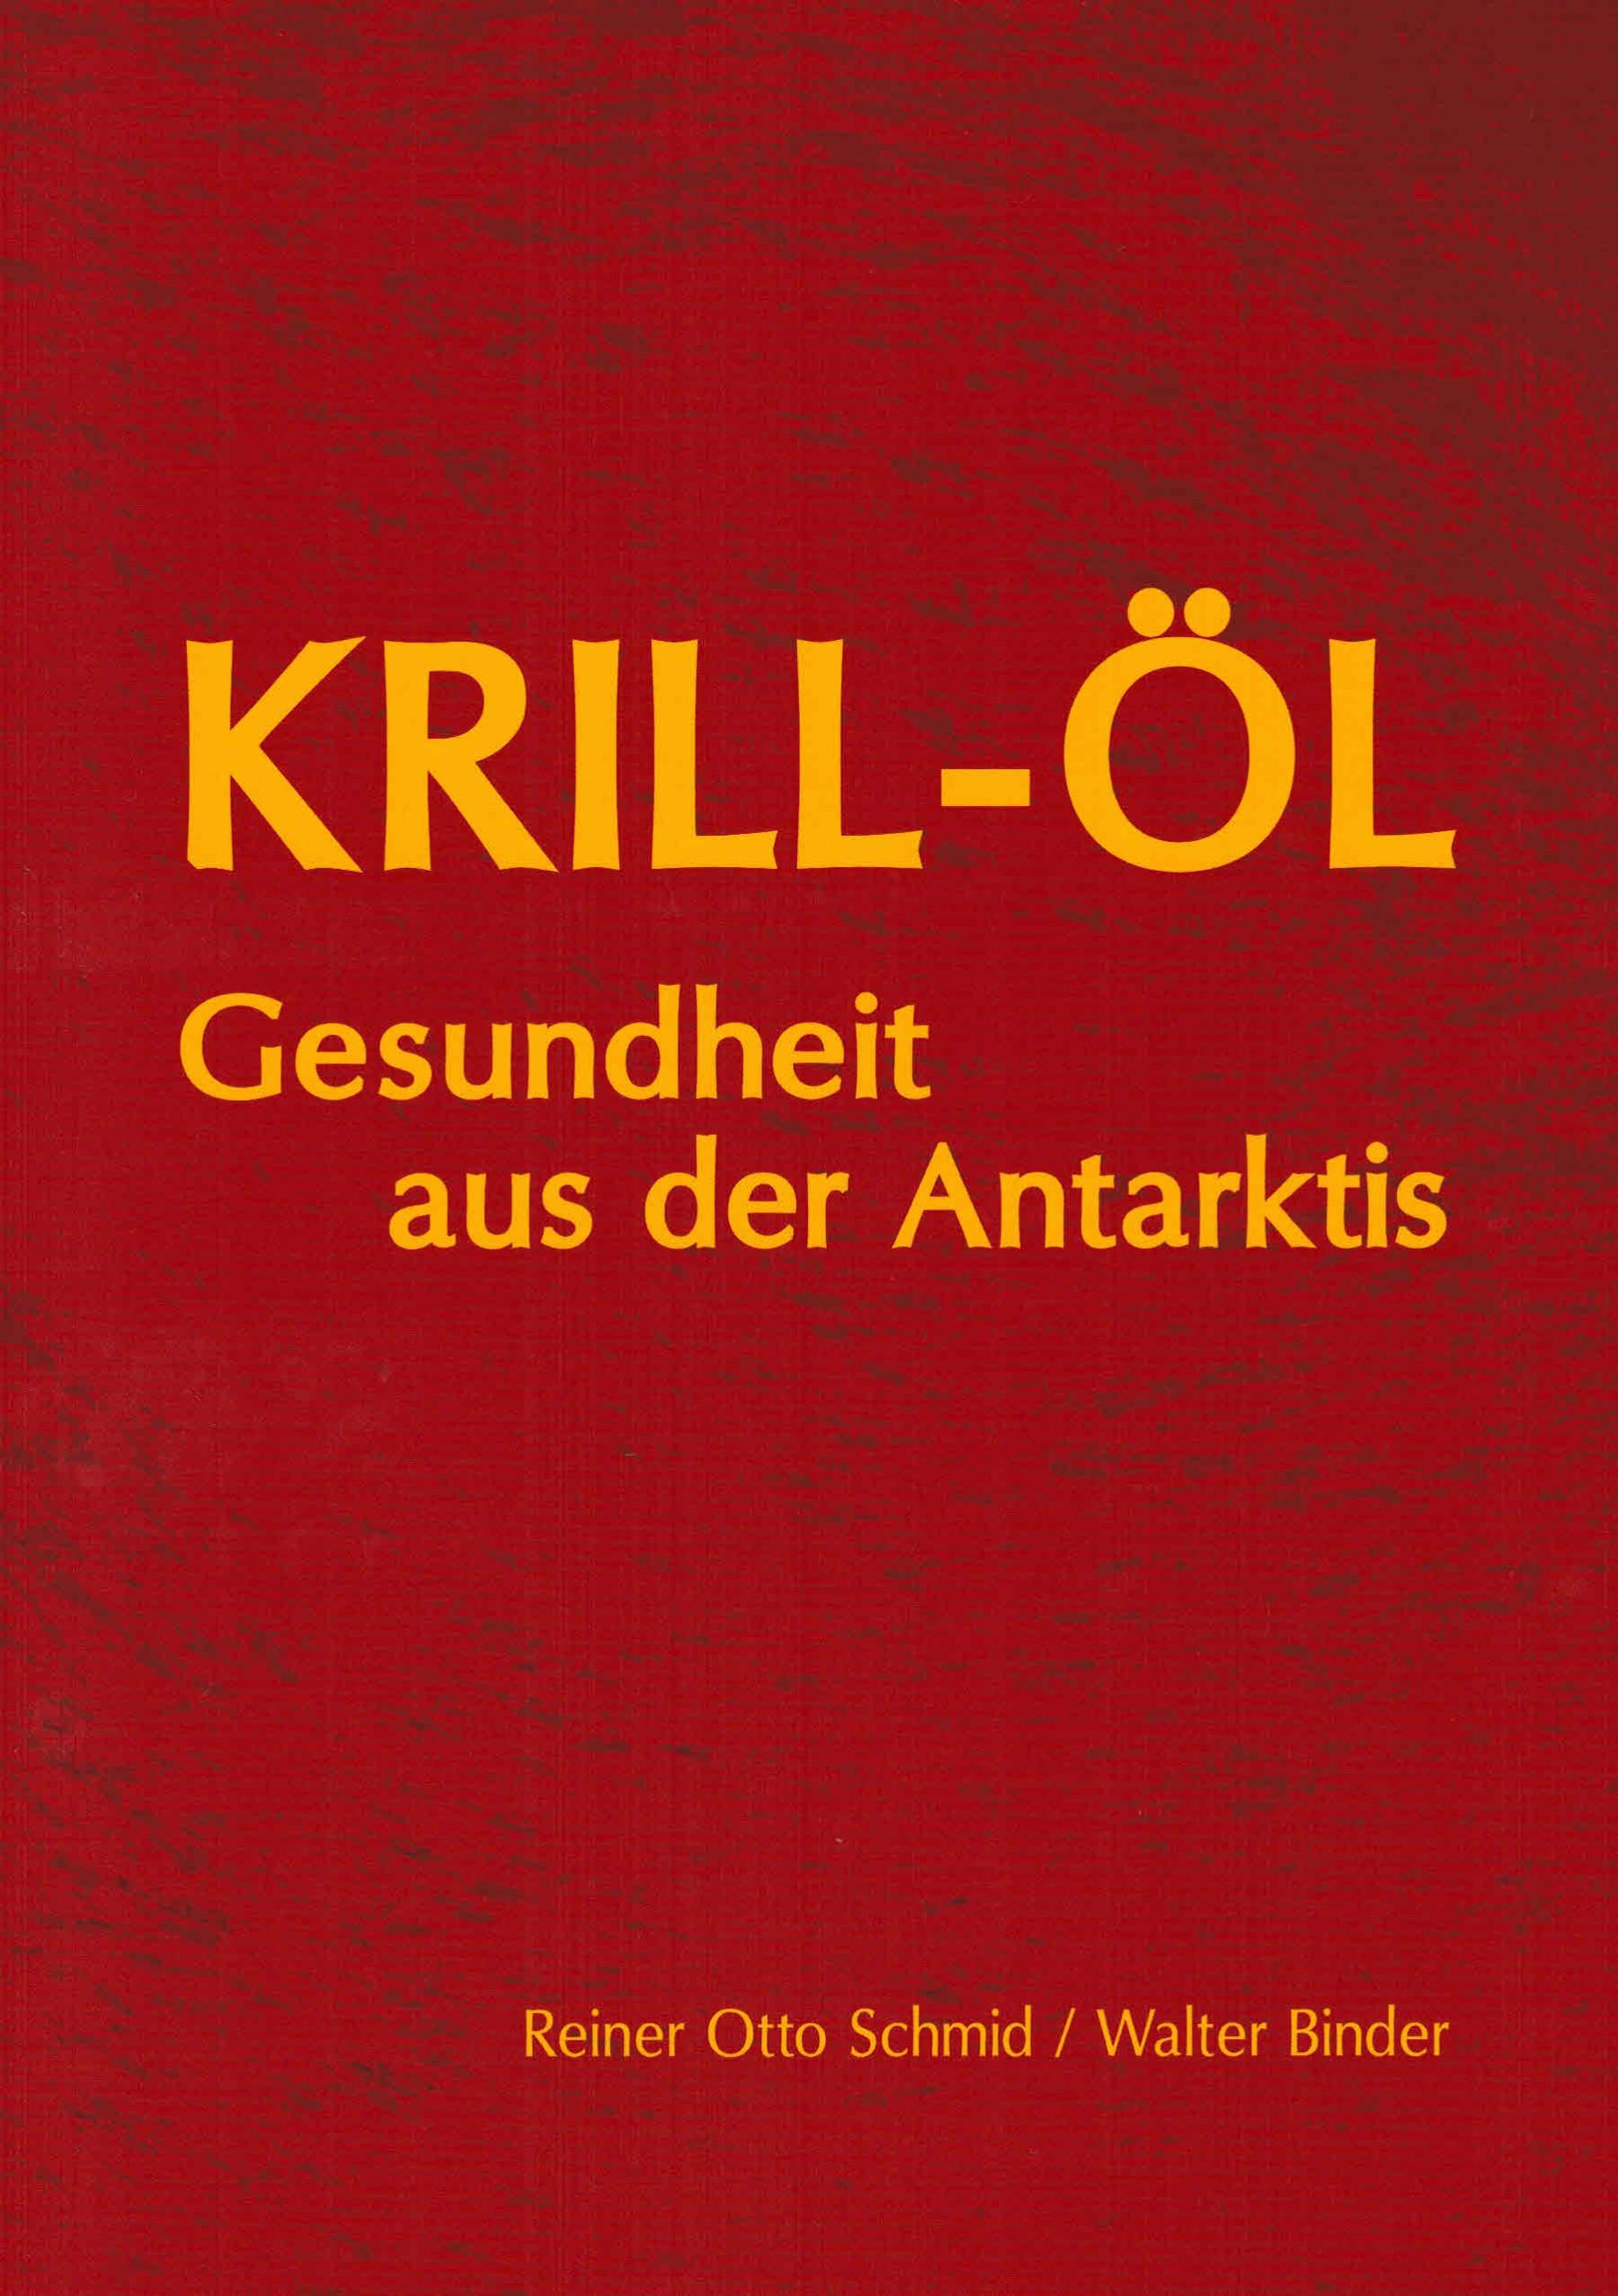 Krill-Öl - Gesundheit aus der Antarktis